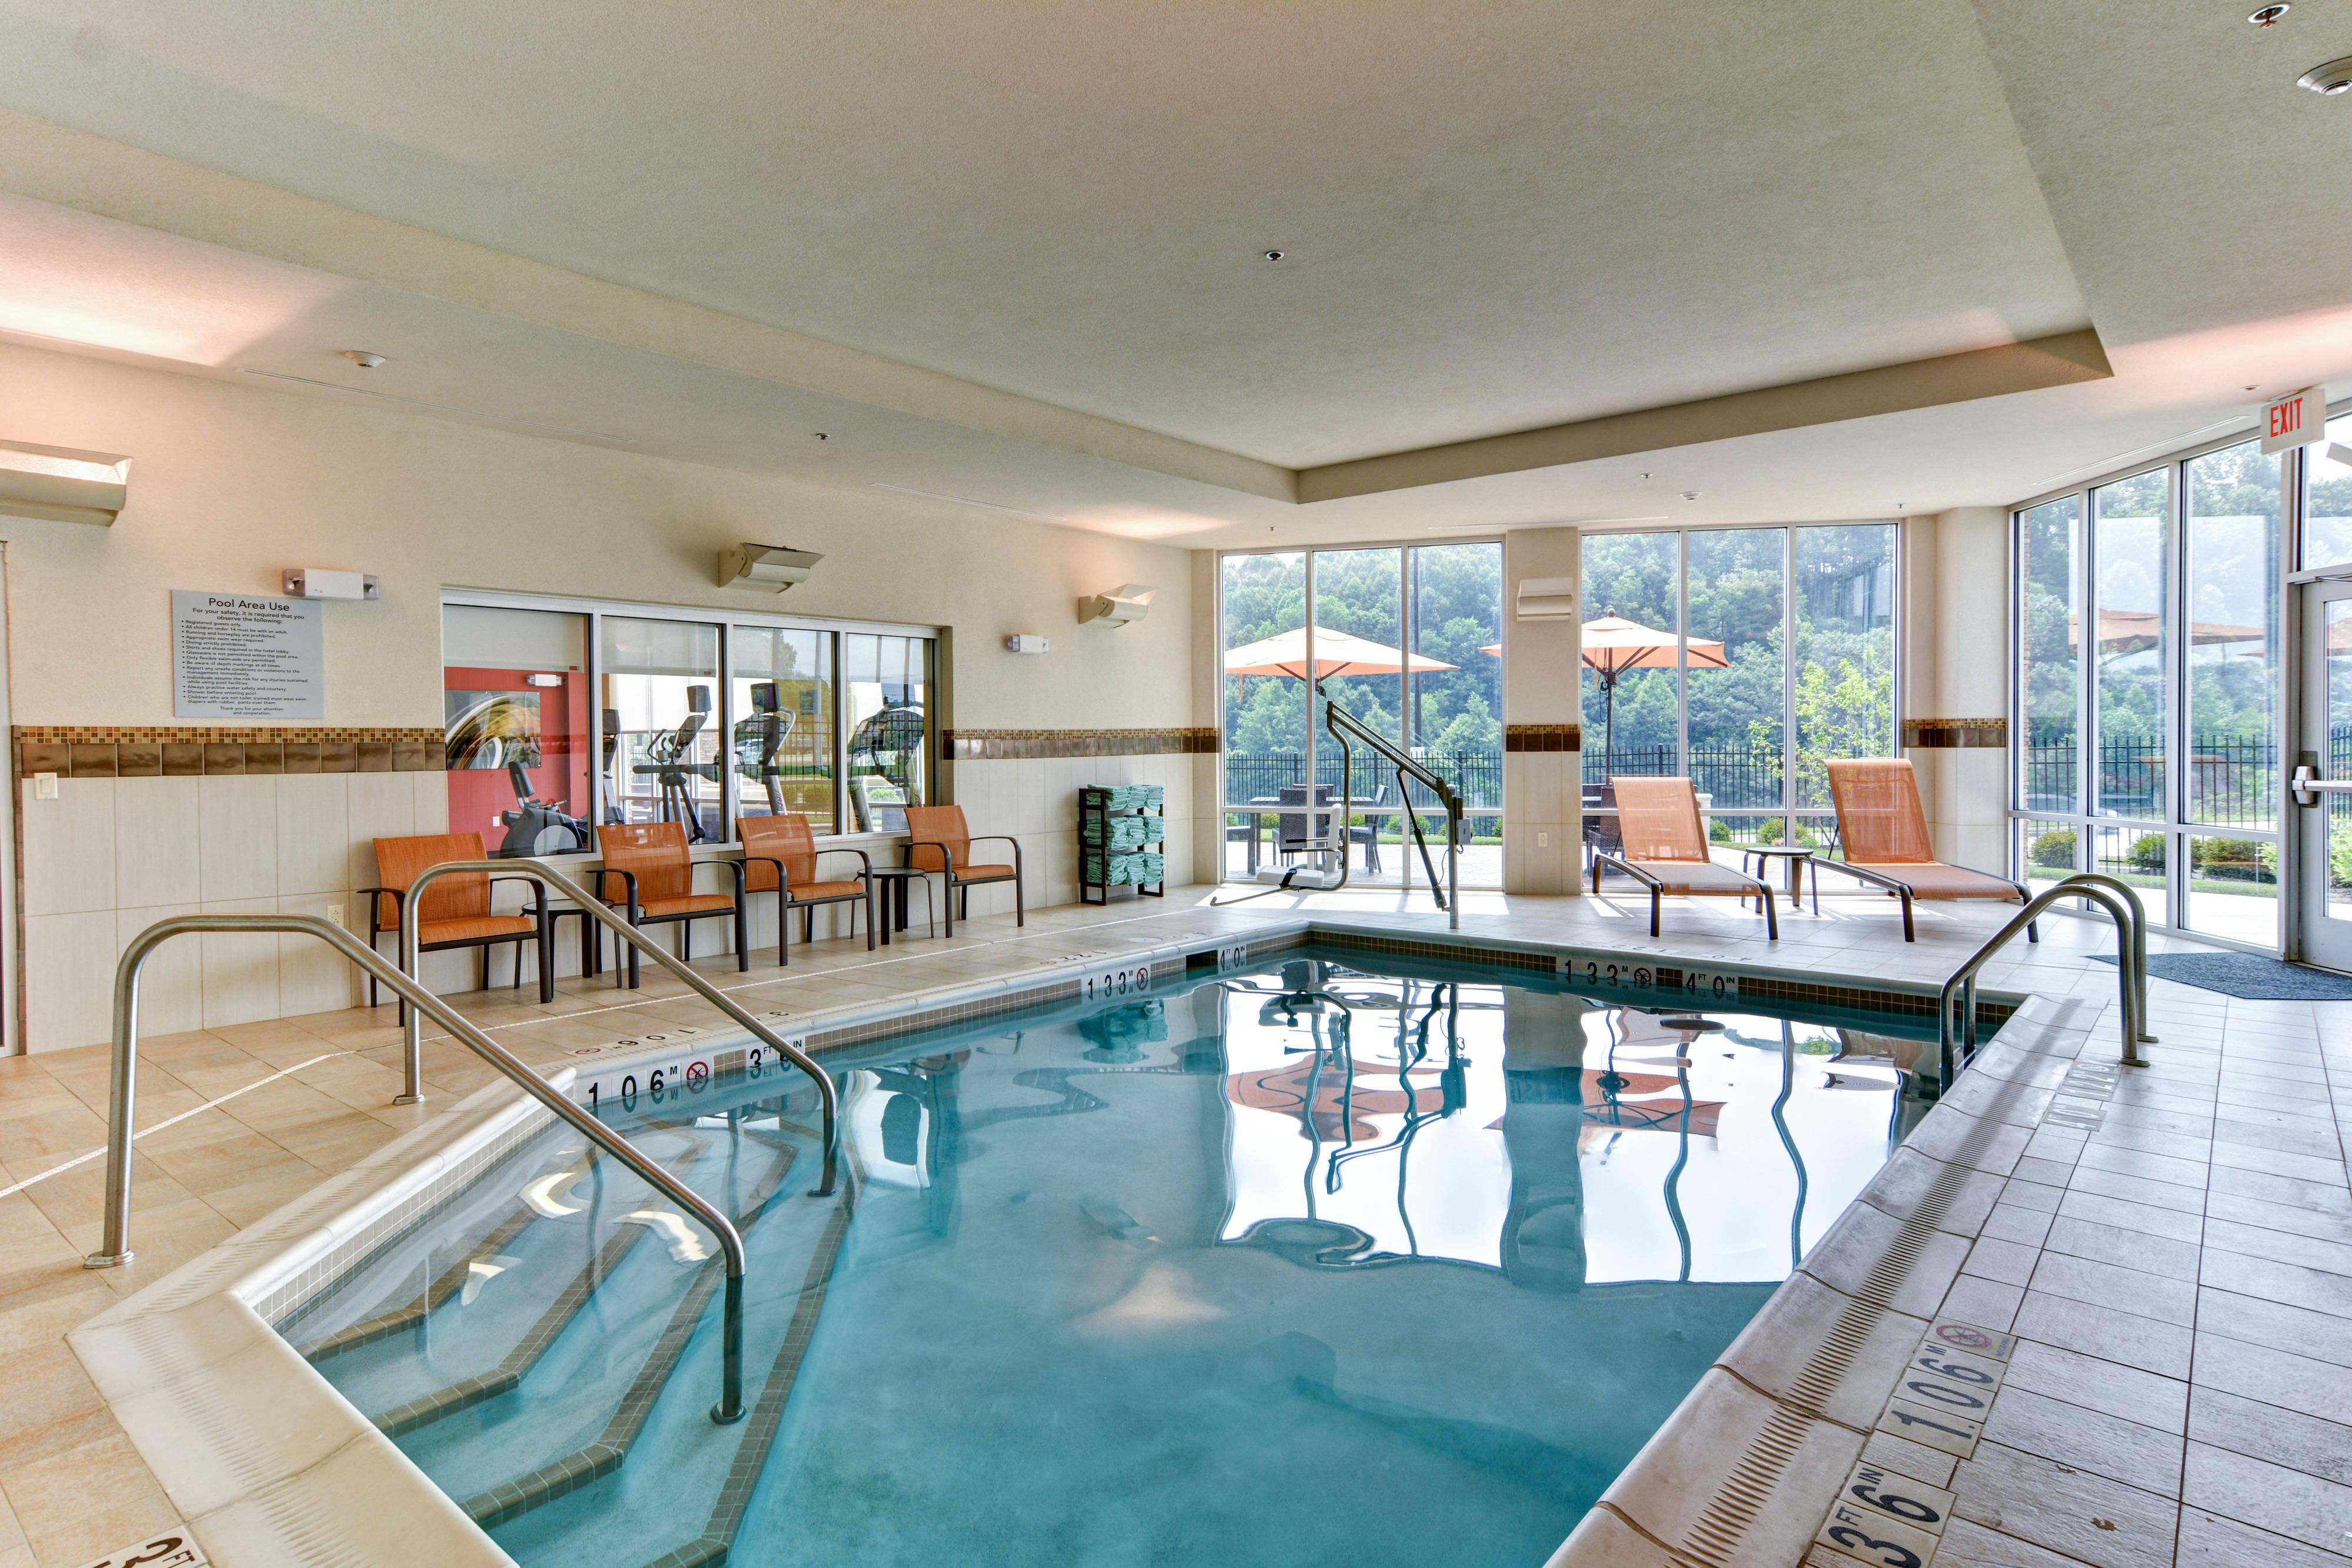 Marriott Courtyard Bridgeport Hotel Indoor Pool